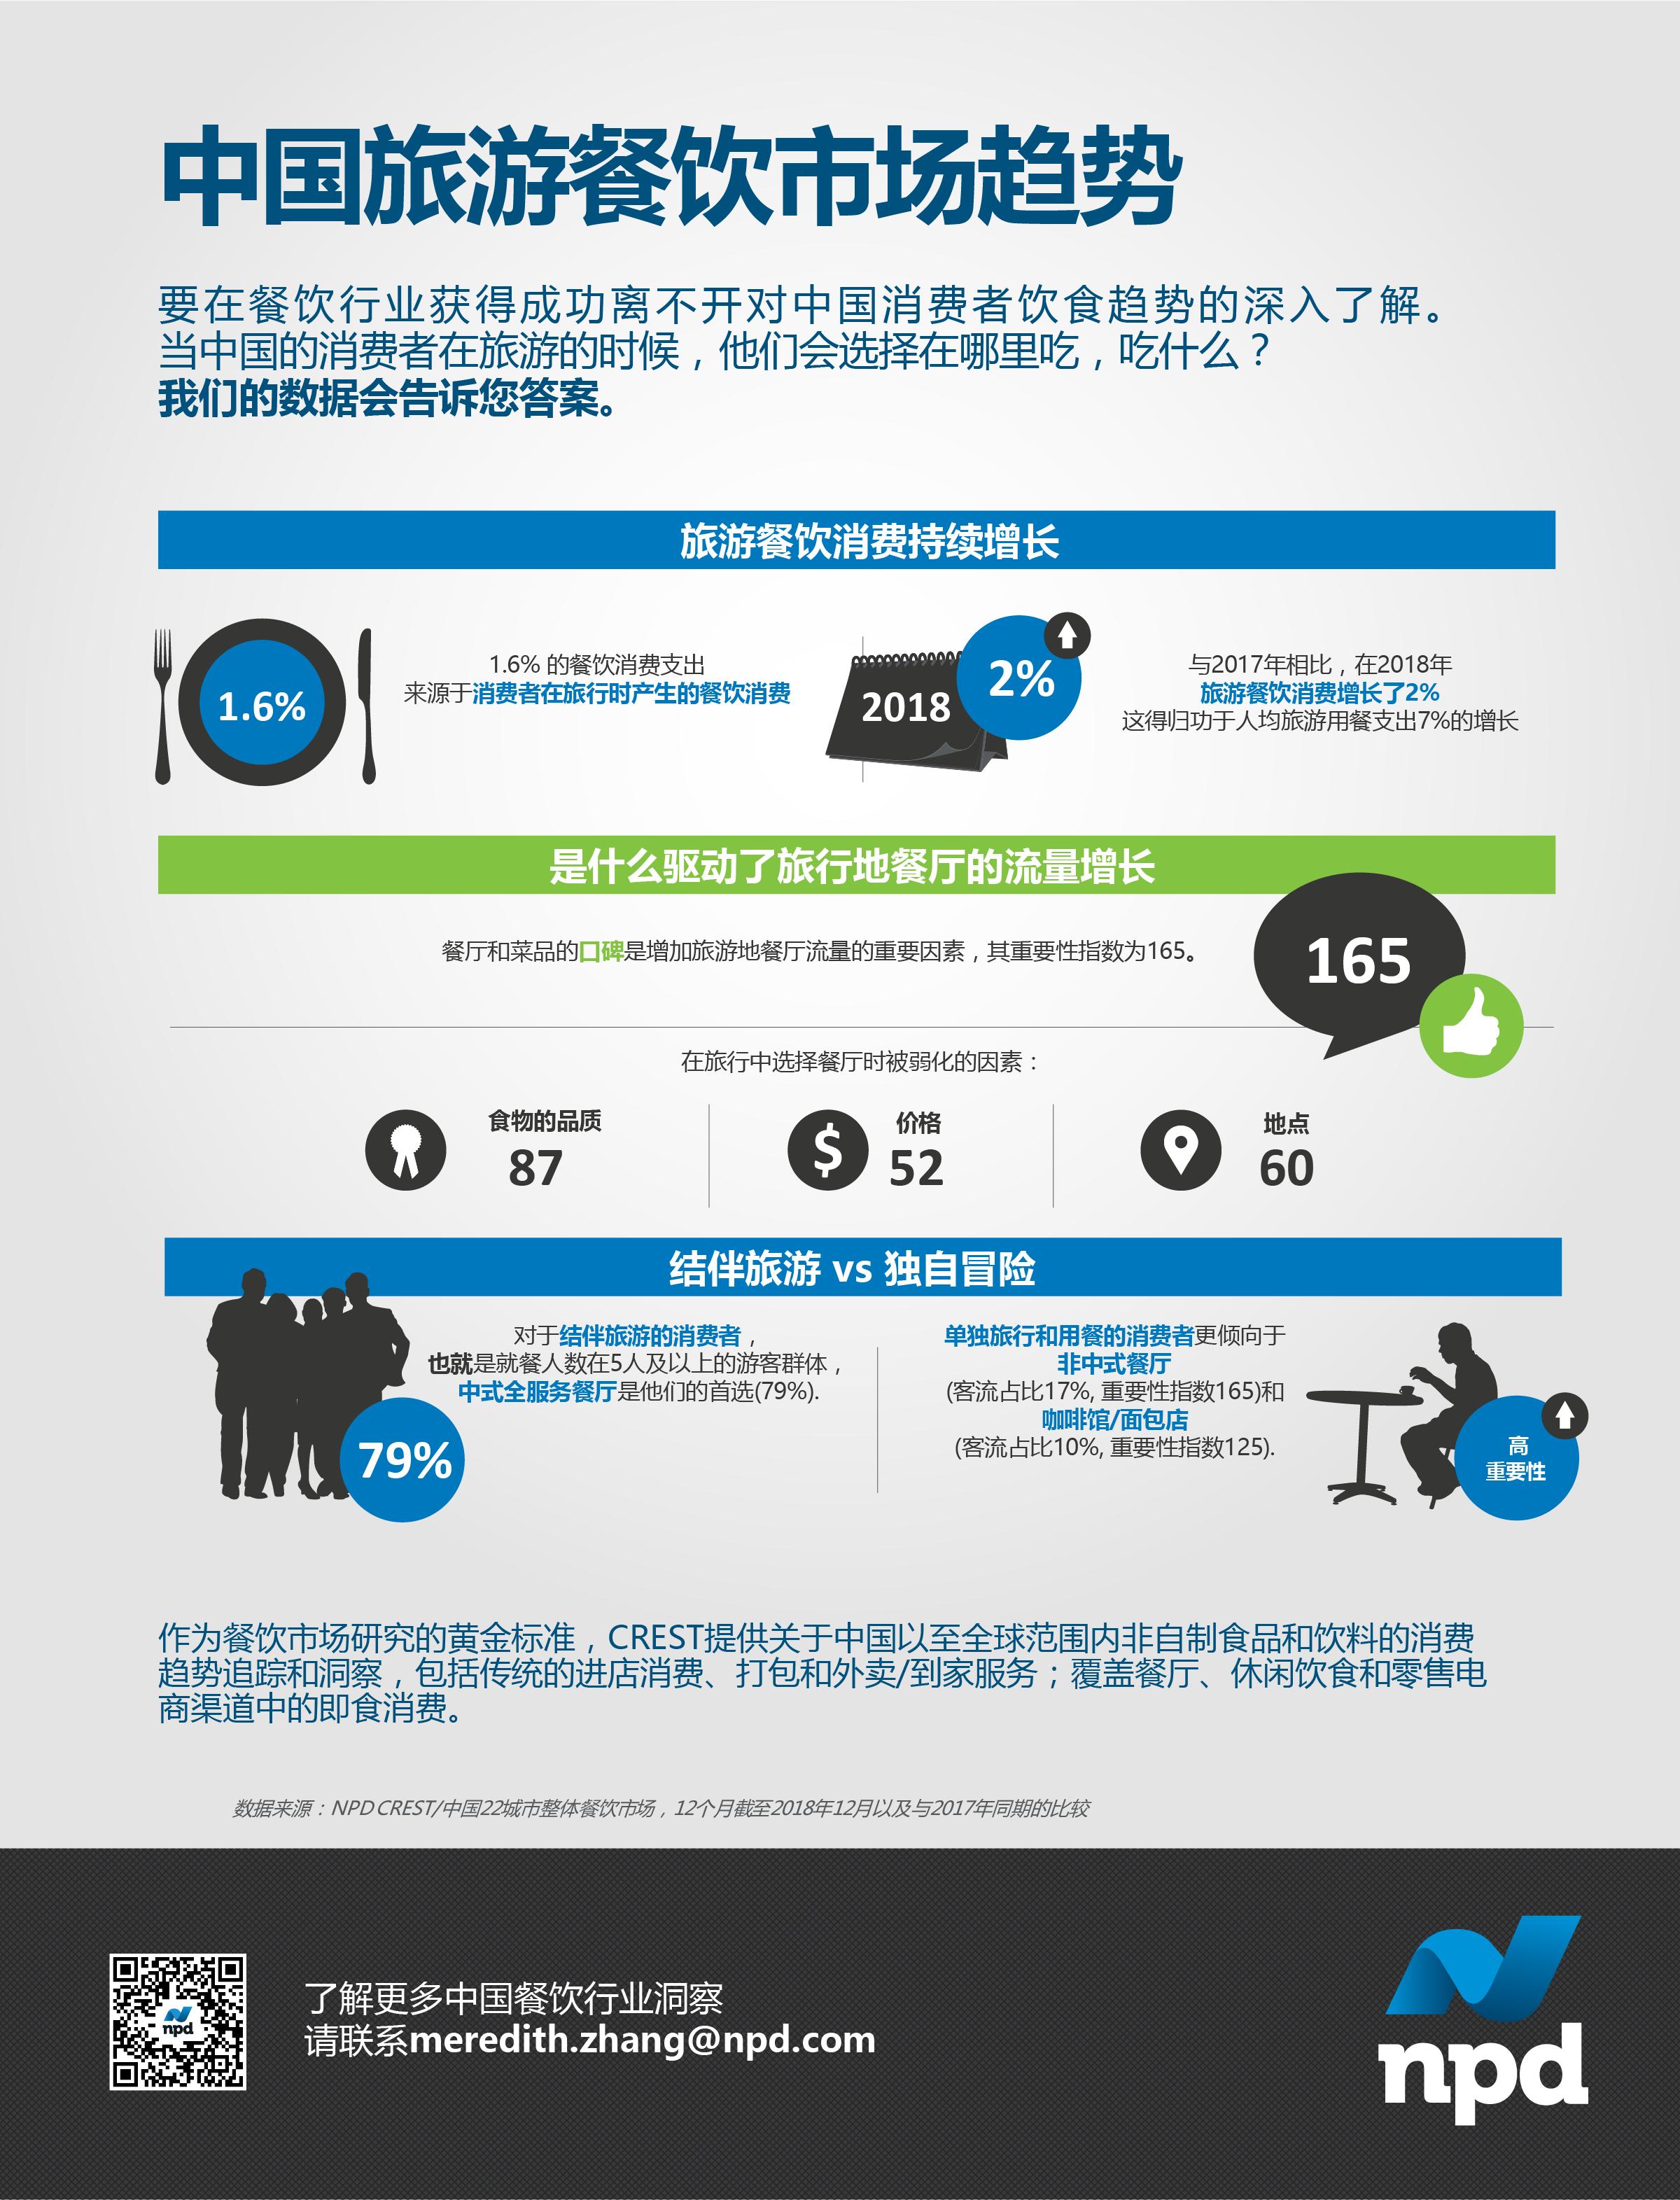 与2017年相比,2018年中国消费者的旅游餐饮支出增长了2%。哪些因素推动了增长?CREST数据会告诉您答案。